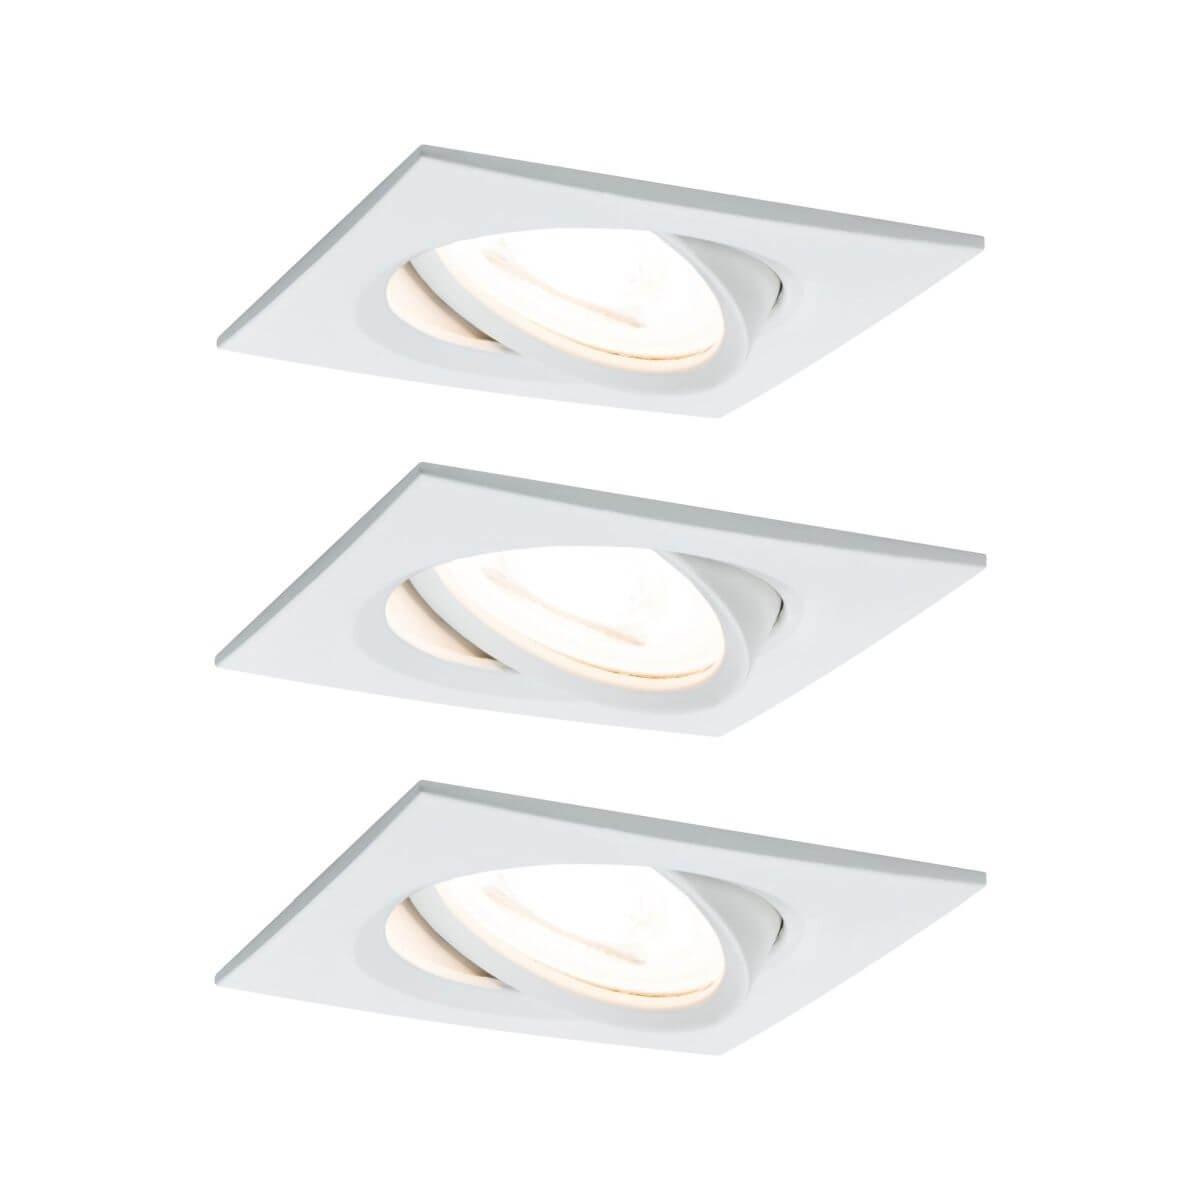 Paulmann Einbauleuchte LED Coin Nova eckig 6,5W Weiß 3er-Set schwenkbar IP23 sprühwassergeschützt